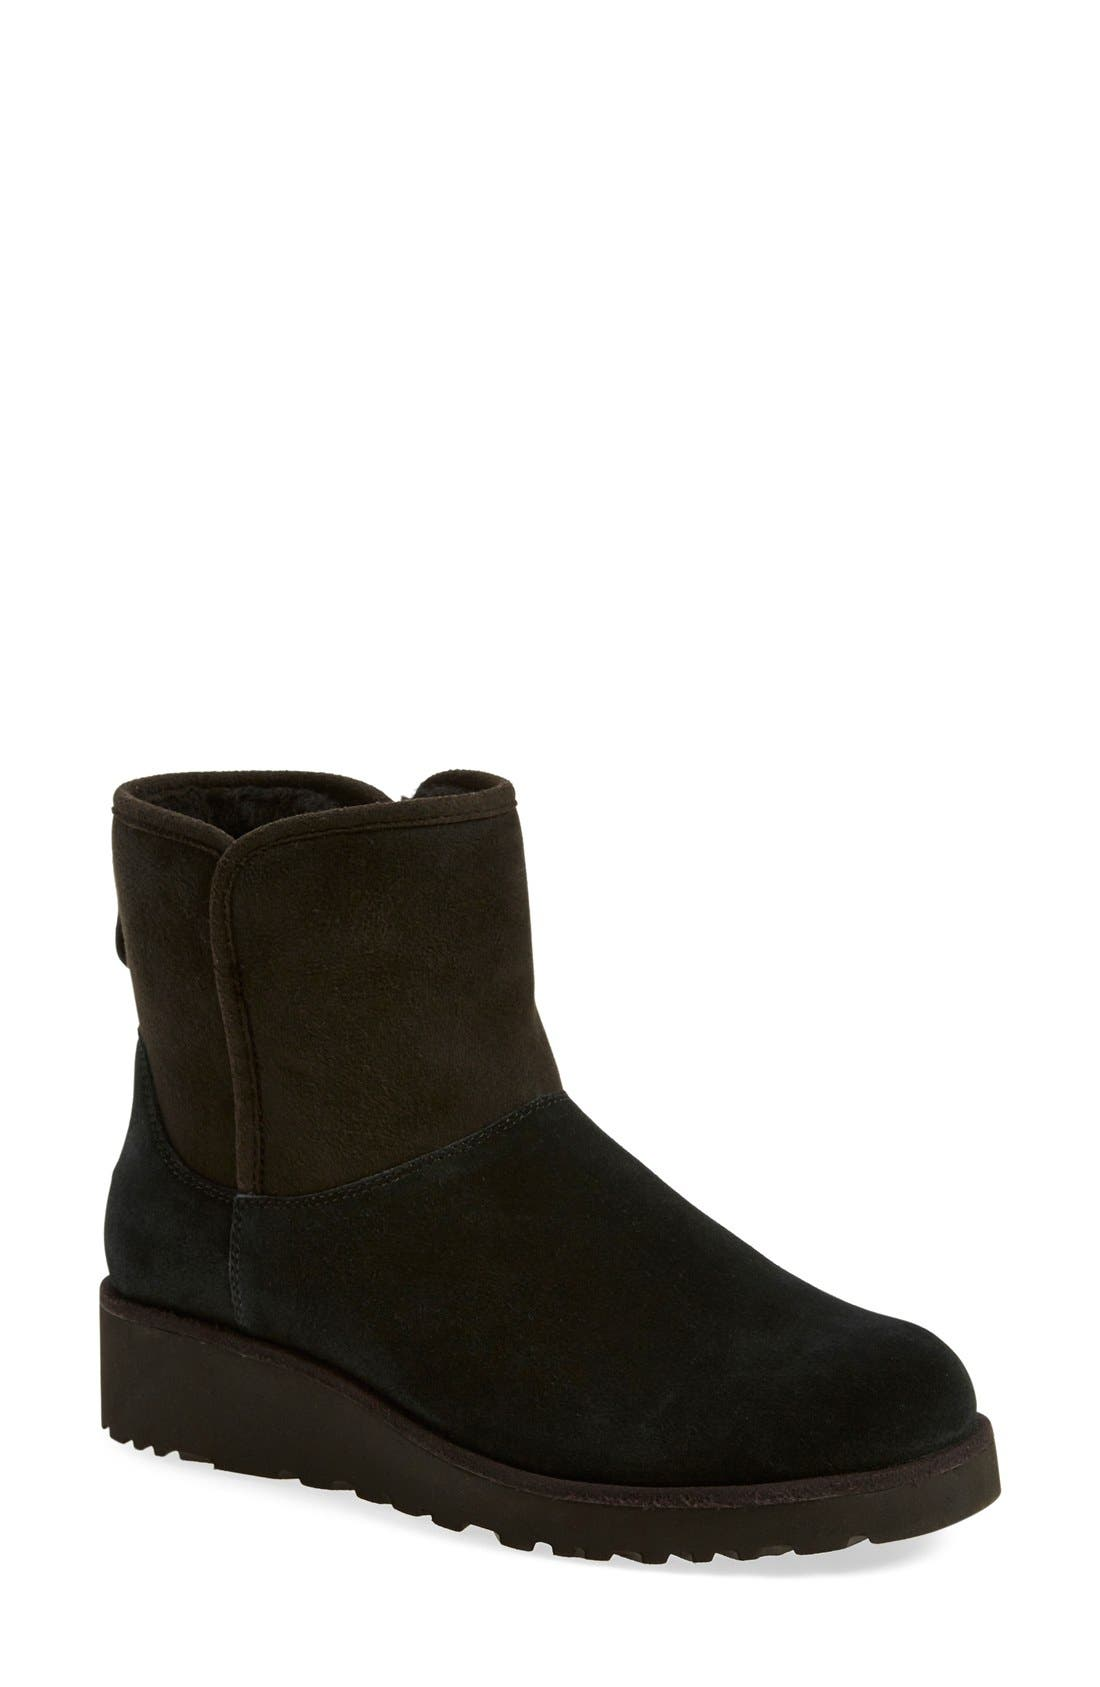 Damens's schwarz Booties Booties Booties & Ankle Stiefel   Nordstrom 994be1